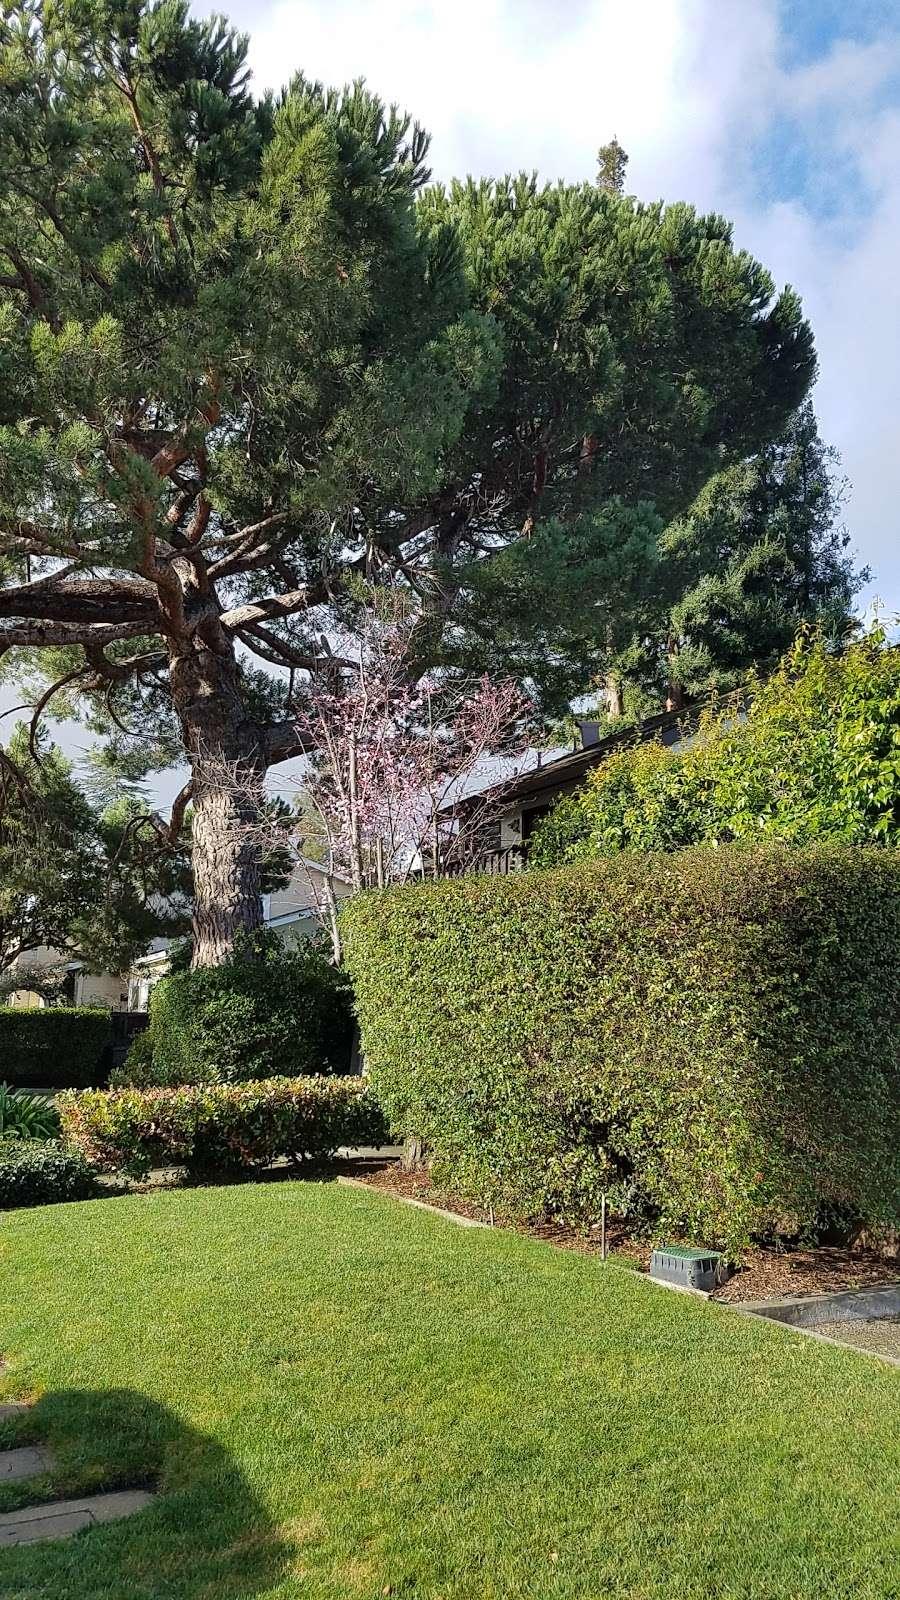 Del Medio Park - park  | Photo 7 of 10 | Address: 380 Del Medio Ave, Mountain View, CA 94040, USA | Phone: (650) 903-6326